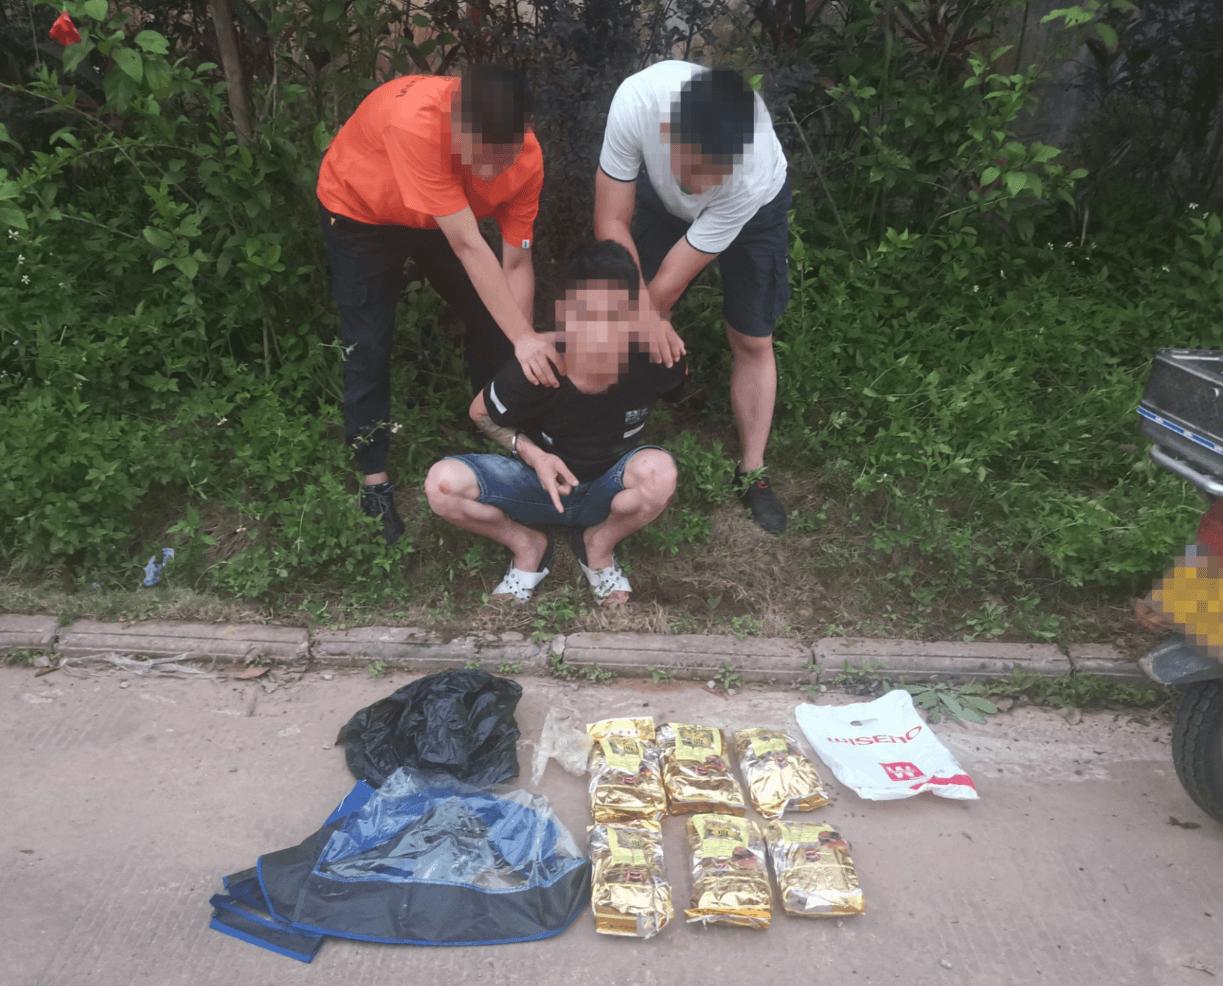 茶叶袋内藏冰毒5.94公斤边境民警破获特大运输毒品案